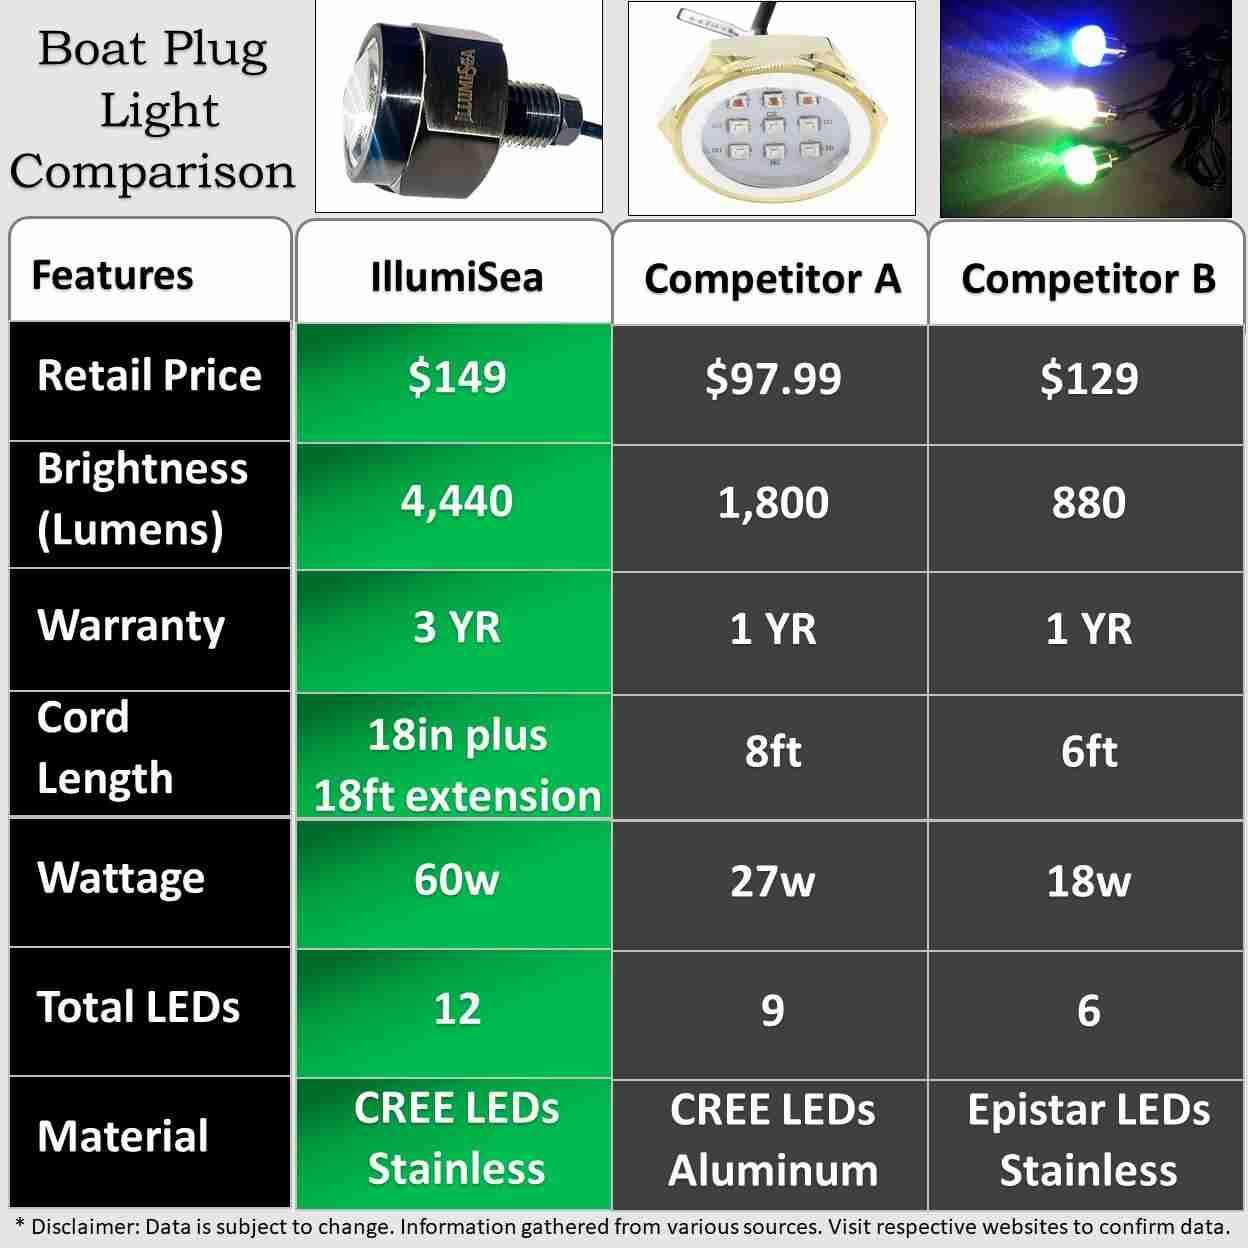 brightest boat lights comparison